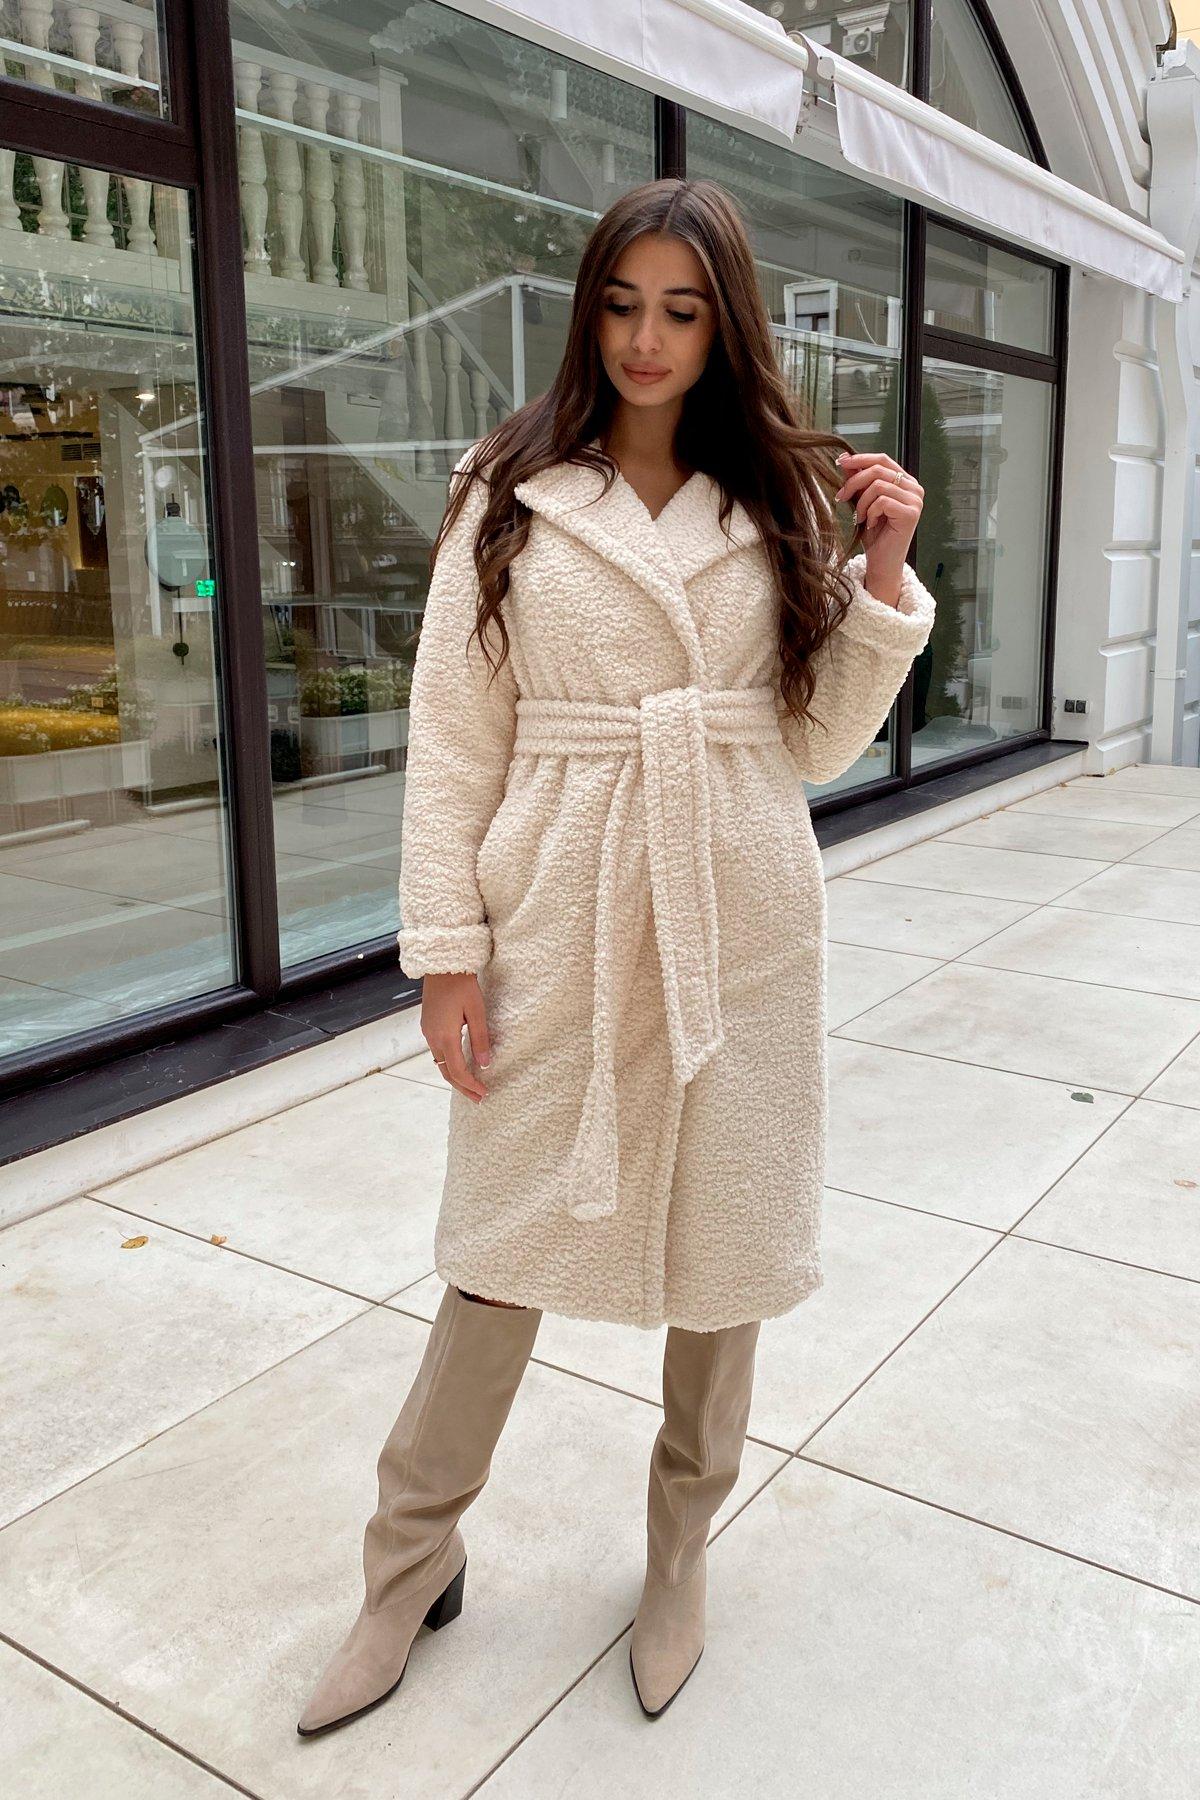 Пальто из эко меха Приора 8564 АРТ. 44887 Цвет: Молоко - фото 15, интернет магазин tm-modus.ru